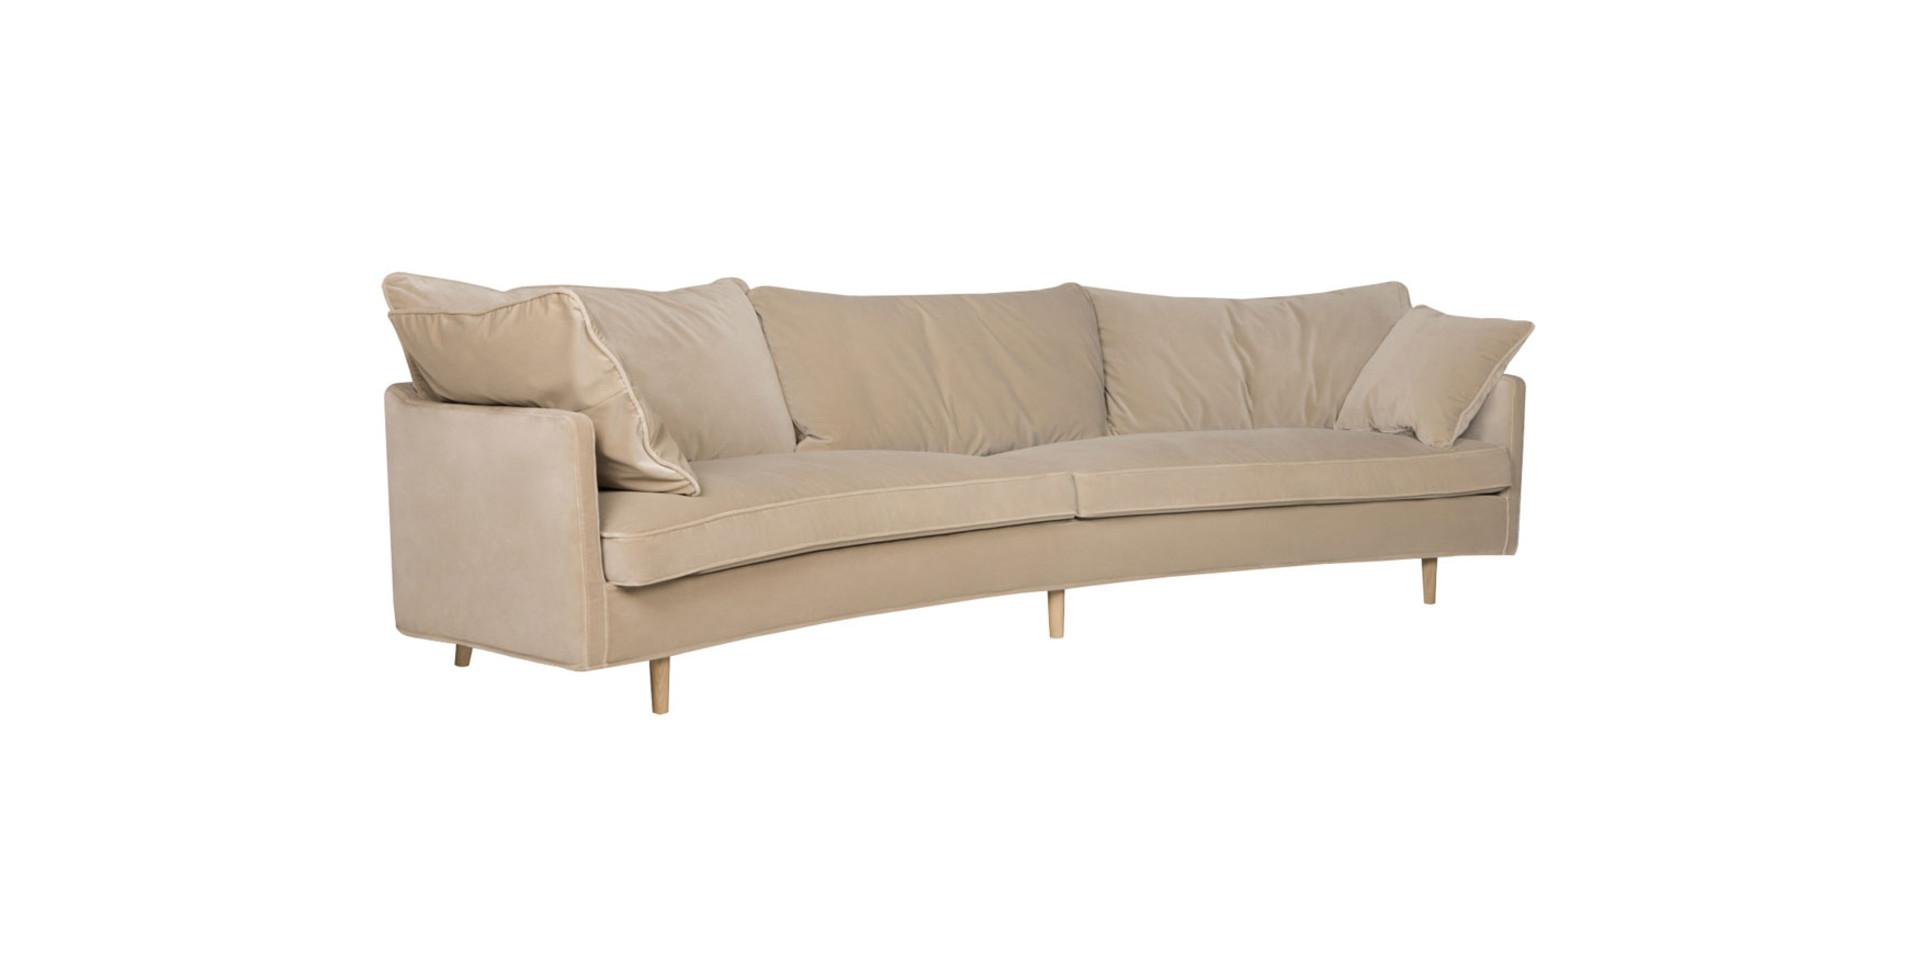 sits-julia-canape-4seater_round_lario03_beige_2